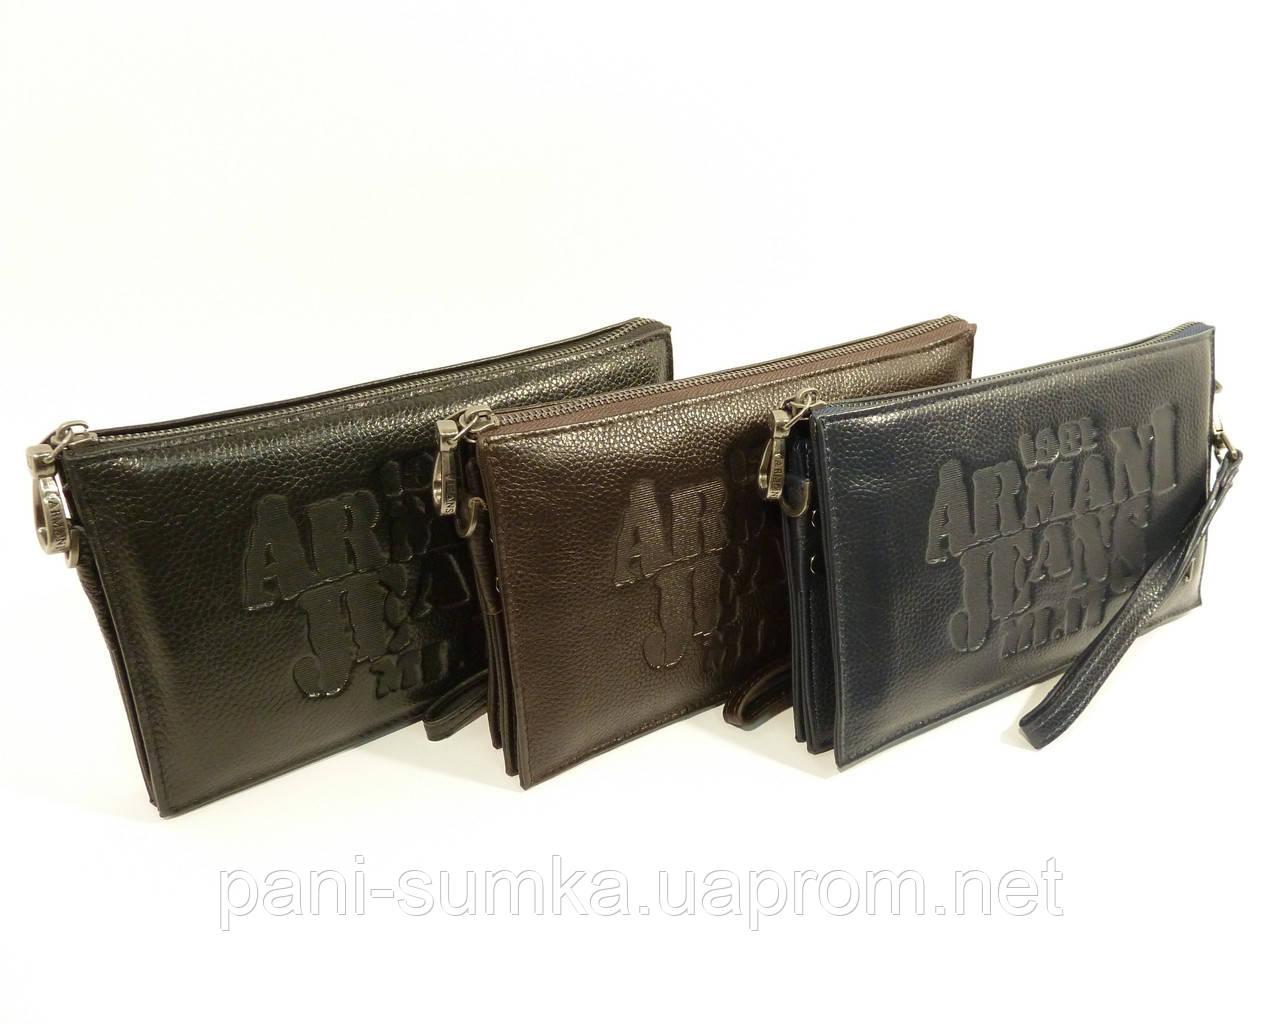 e884c9436d98 Клатч мужской средний кожаный Armani Jeans 921-2 черный, сумка мужская -  Интернет магазин